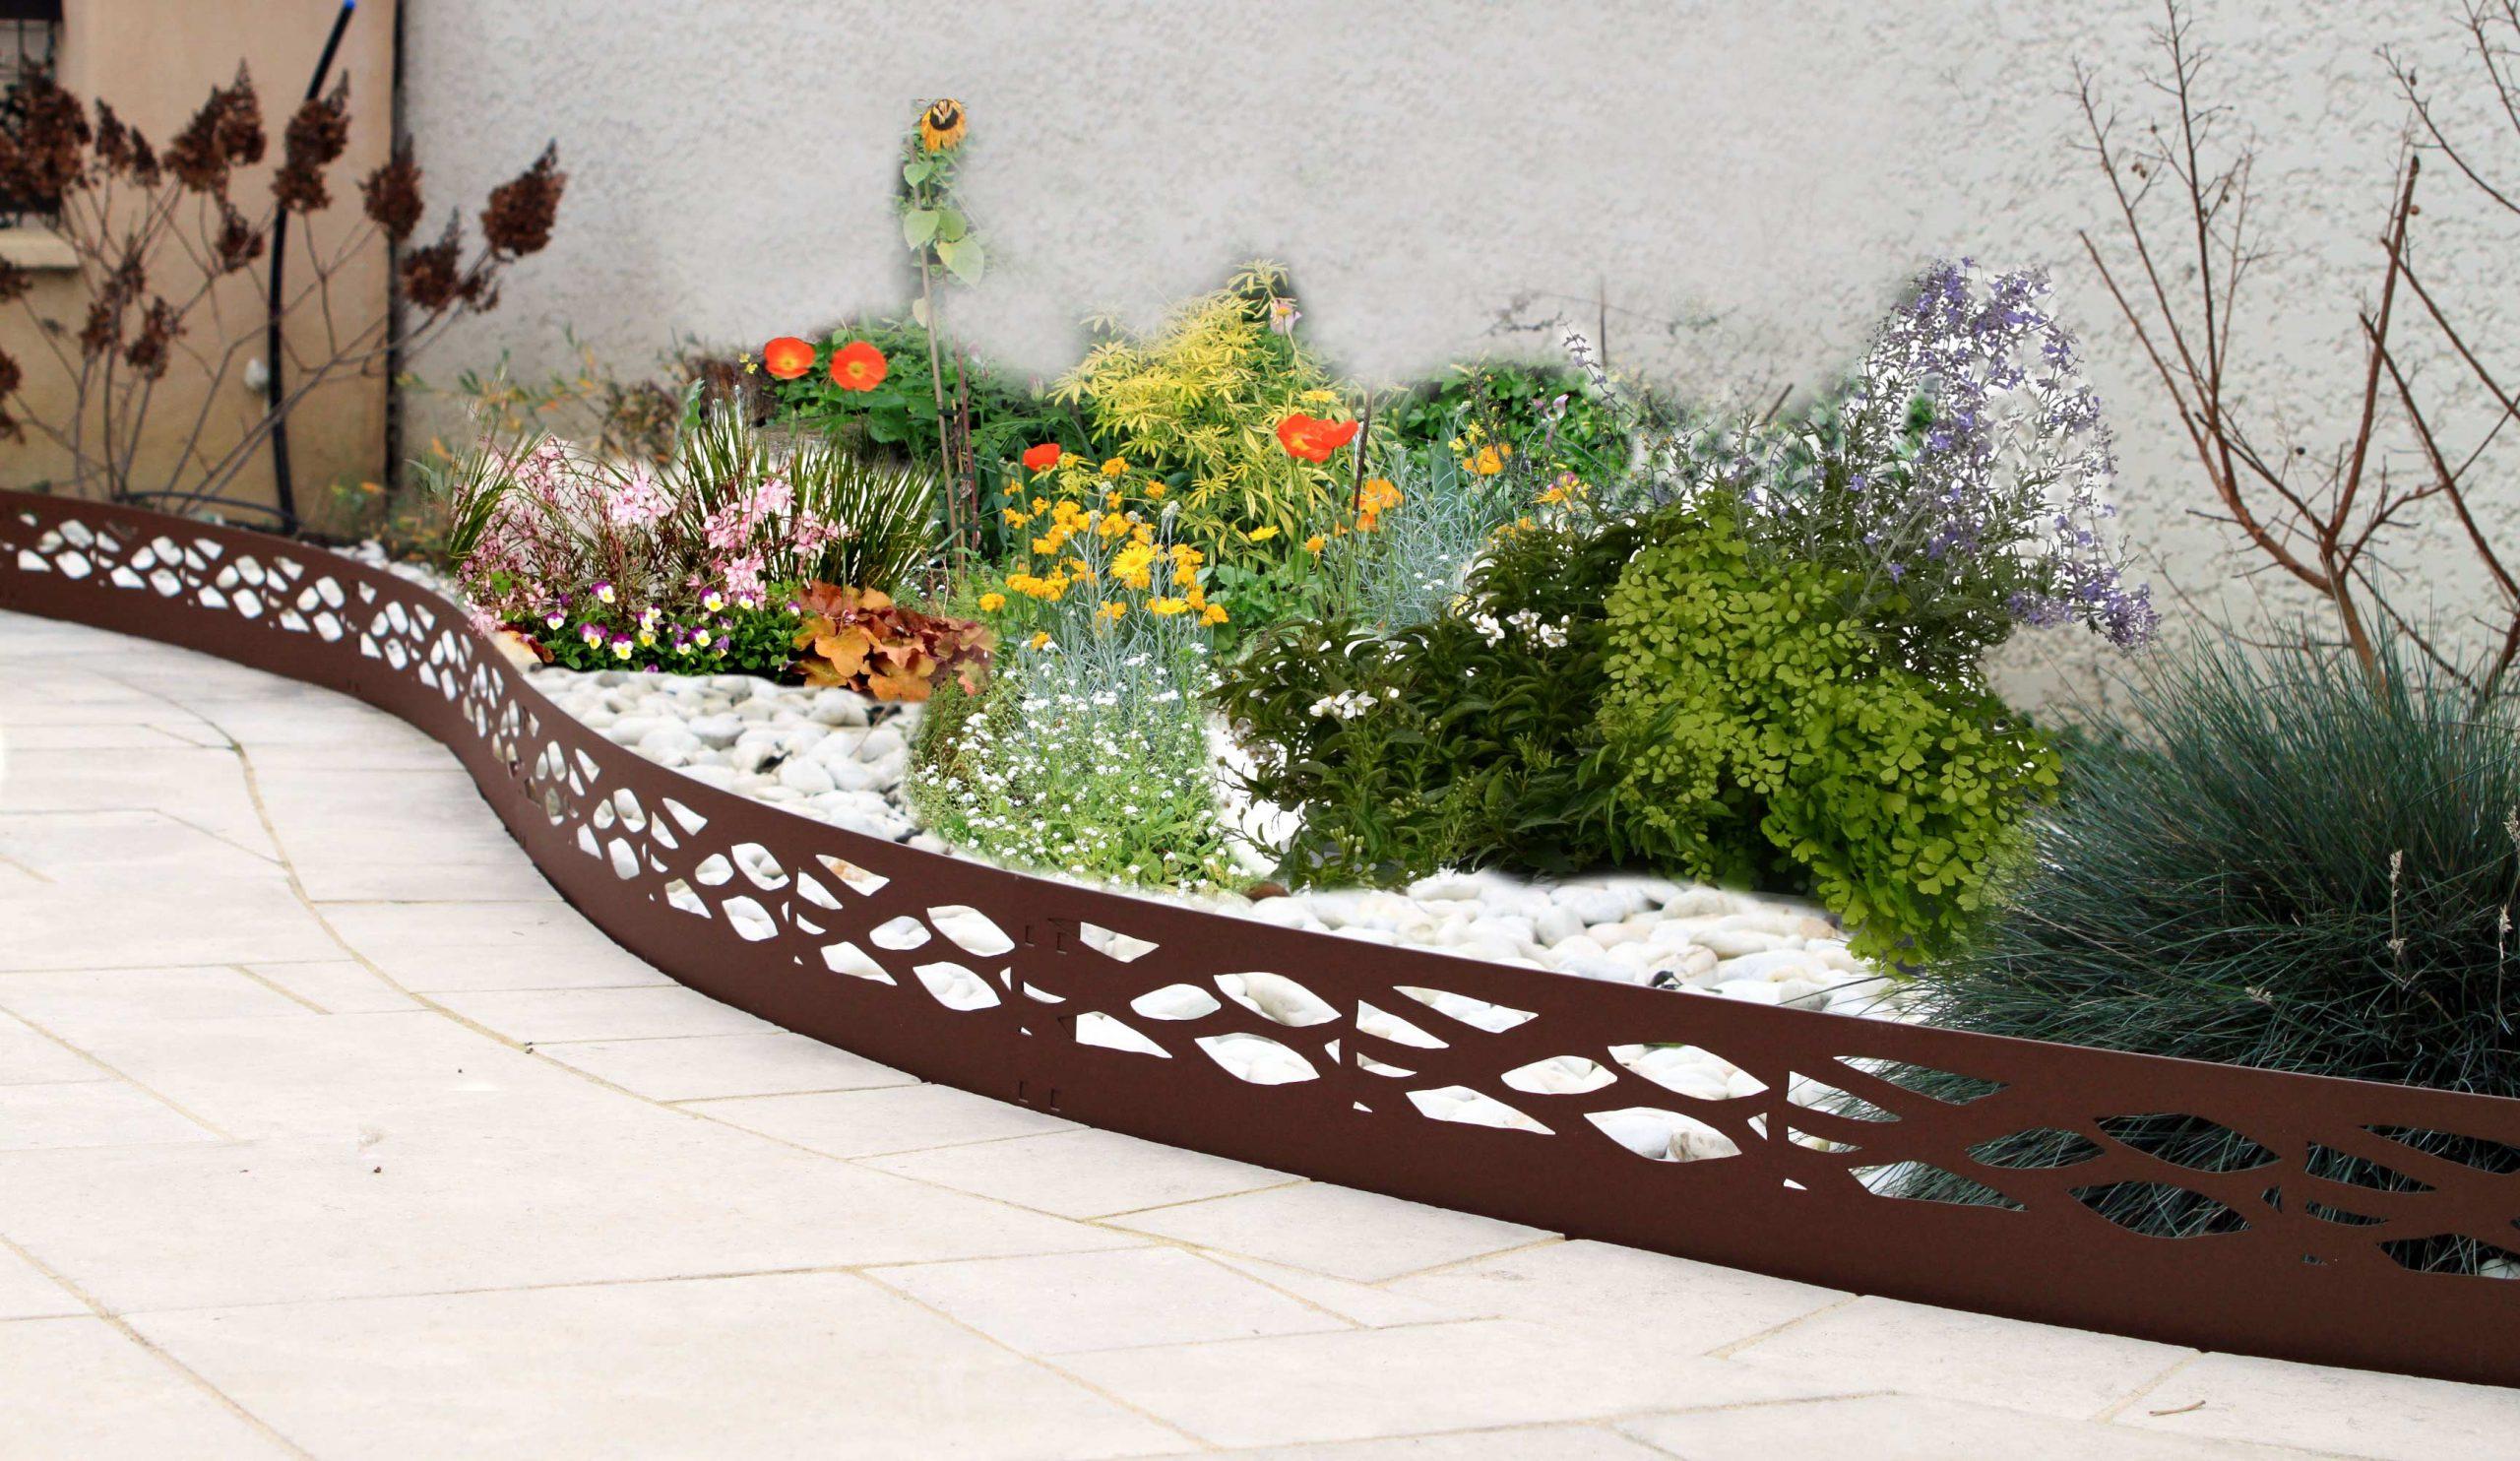 Les Conseils Pratiques De Jardin Et Saisons Pour Installer ... à Bordure Jardin Metal